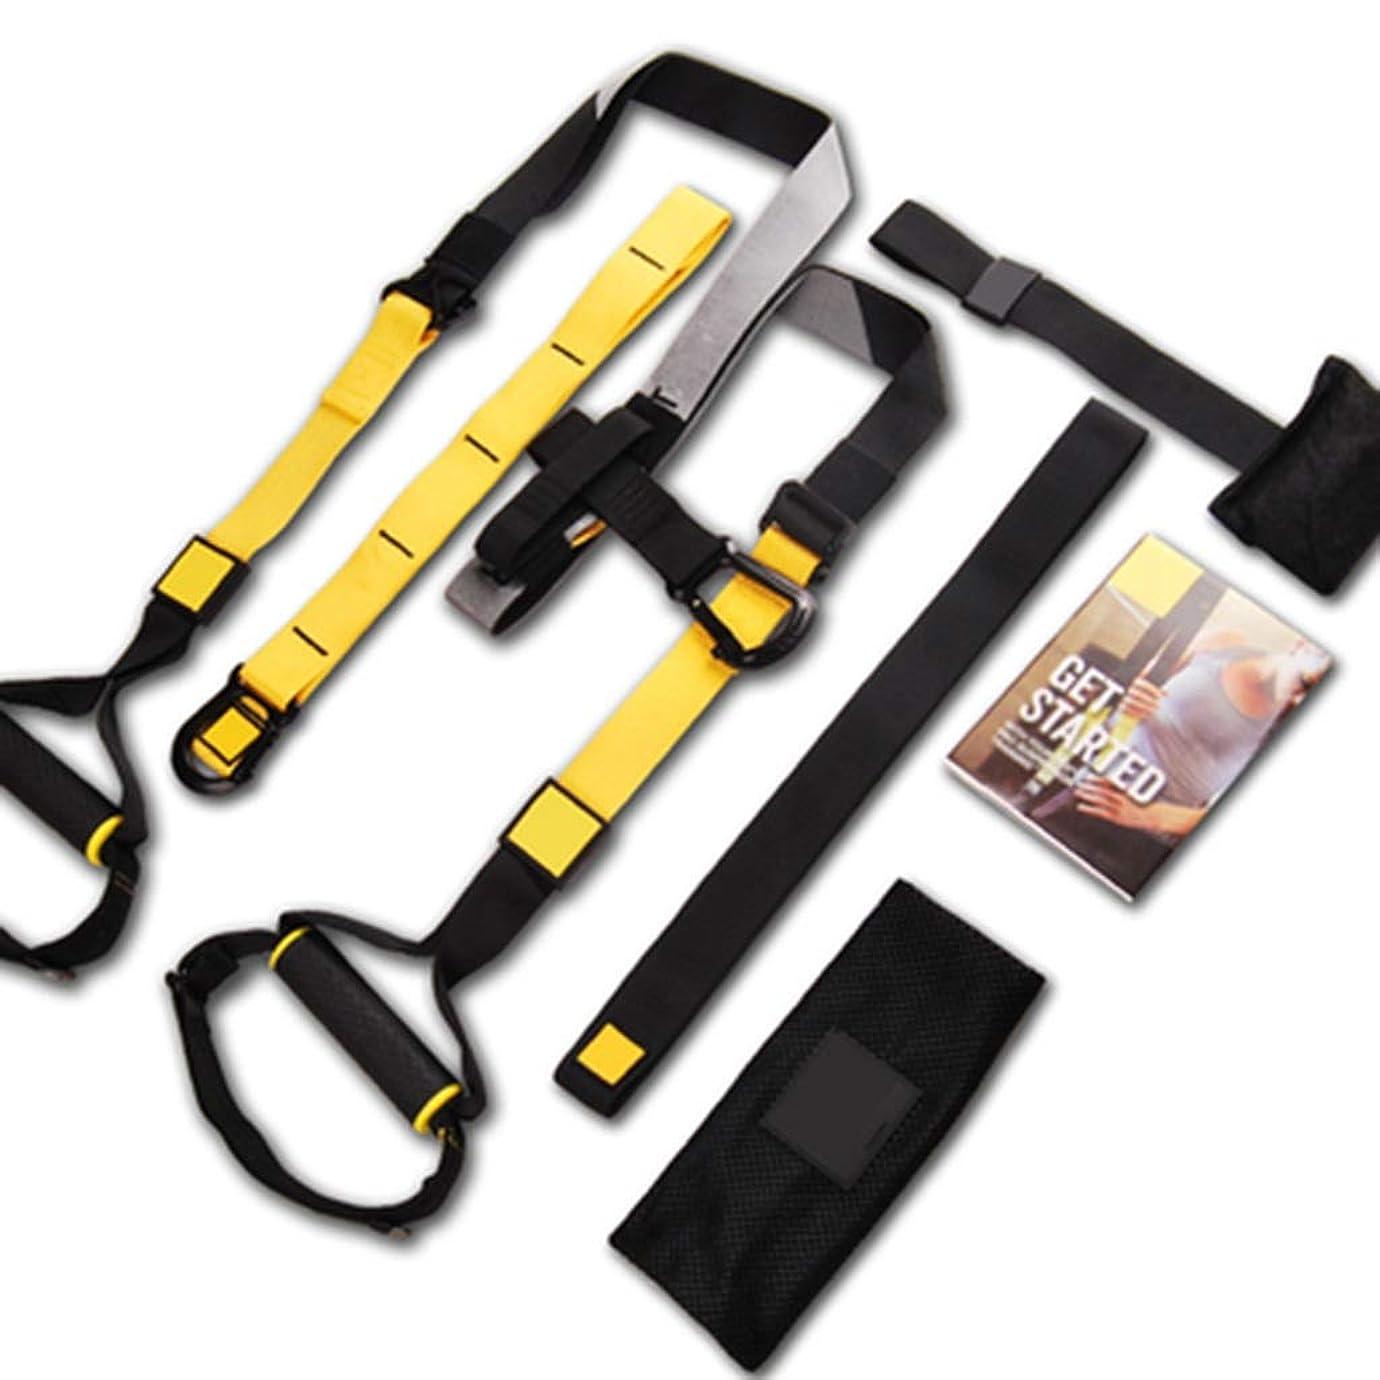 天窓強要かき混ぜる吊り下げトレーニングベルトP7プルロープジム専用フィットネス機器 (色 : Suspension belt)